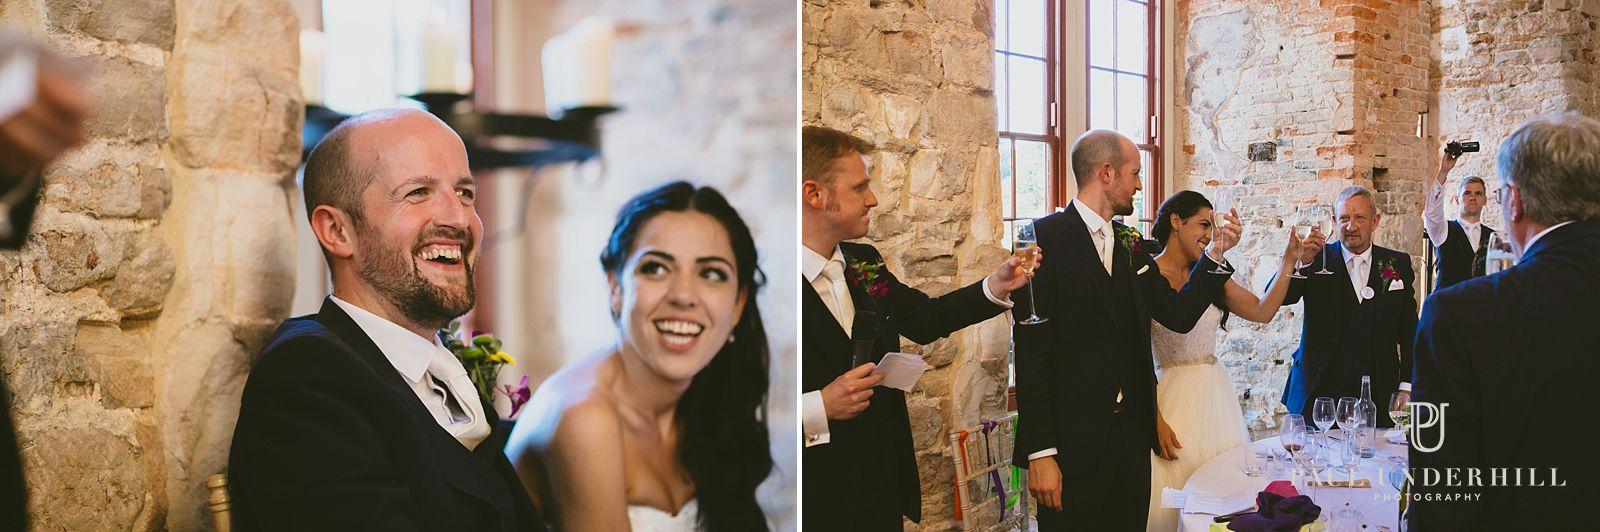 wedding-speech-toast